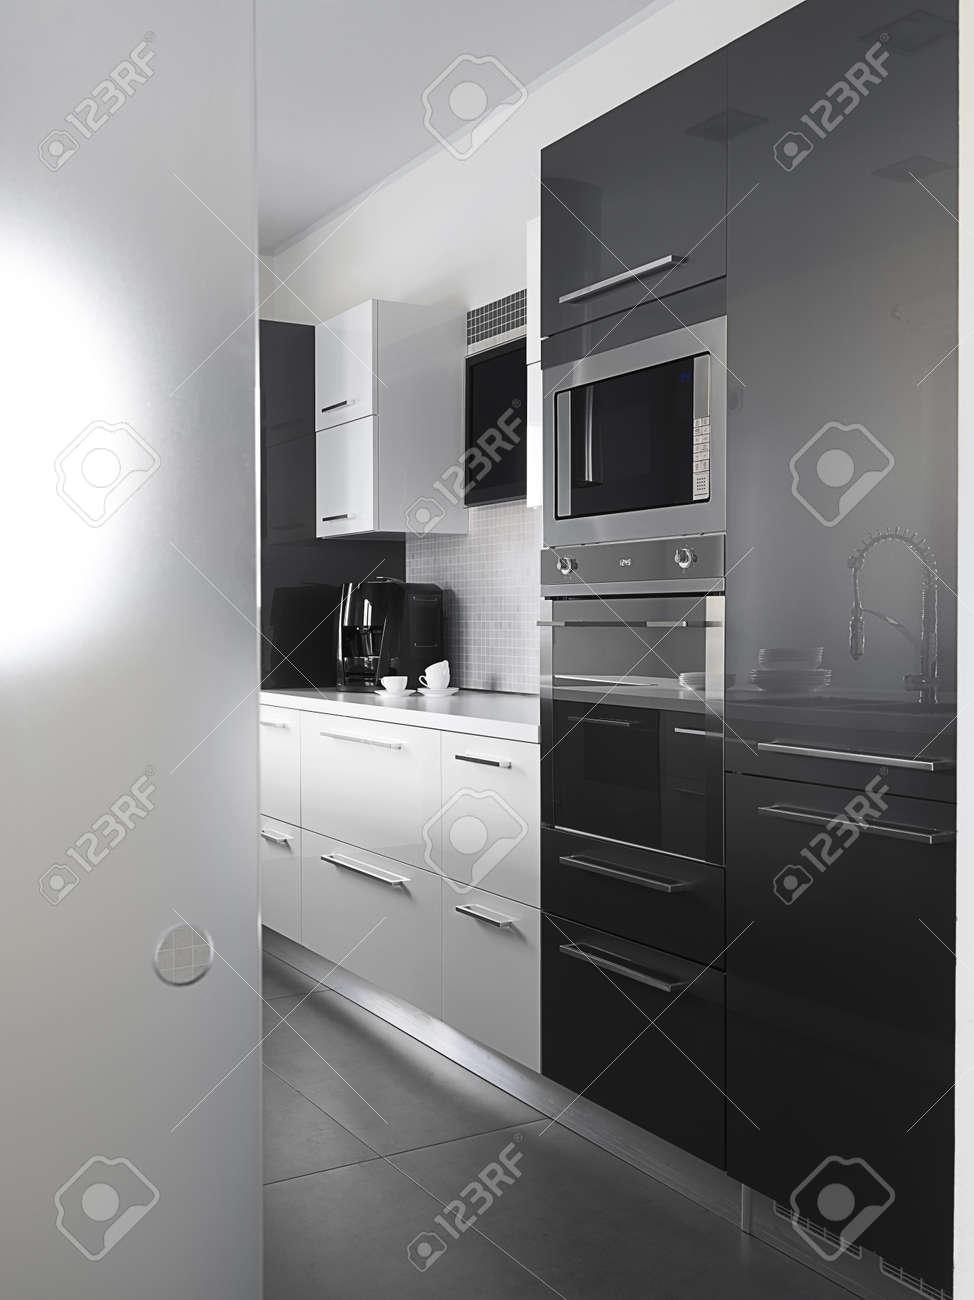 Pavimenti Per Cucine Moderne. Free Moderno E Pavimento In Cotto ...